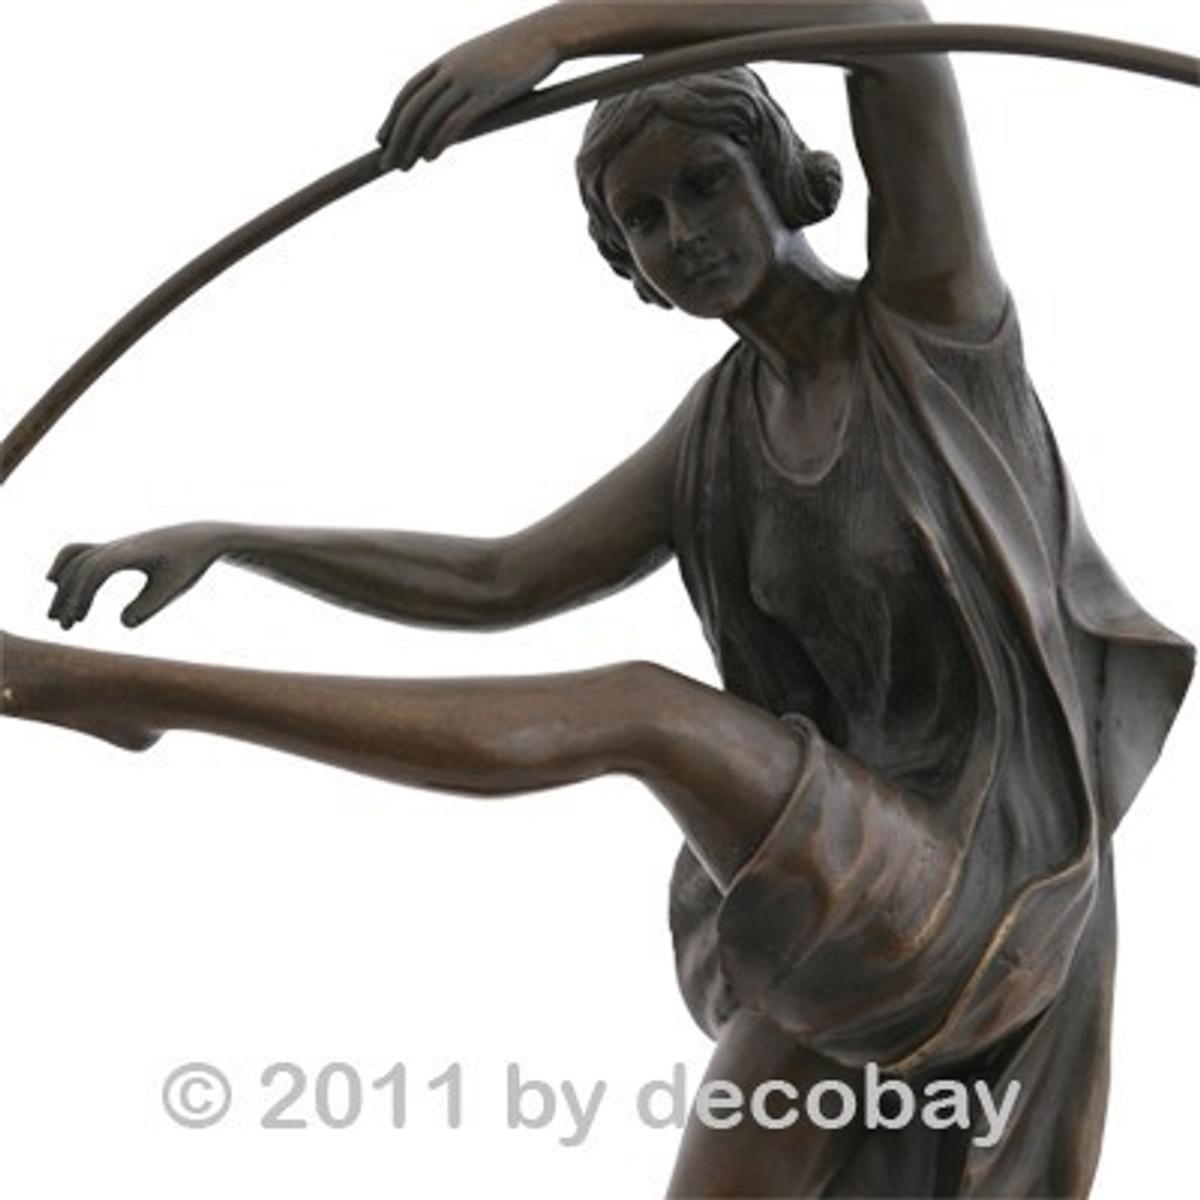 Gartendeko Tanz Reifen Bronzestatue Frau mit großem Reifen emotional und graziös - bestellen Sie noch heute bei uns.